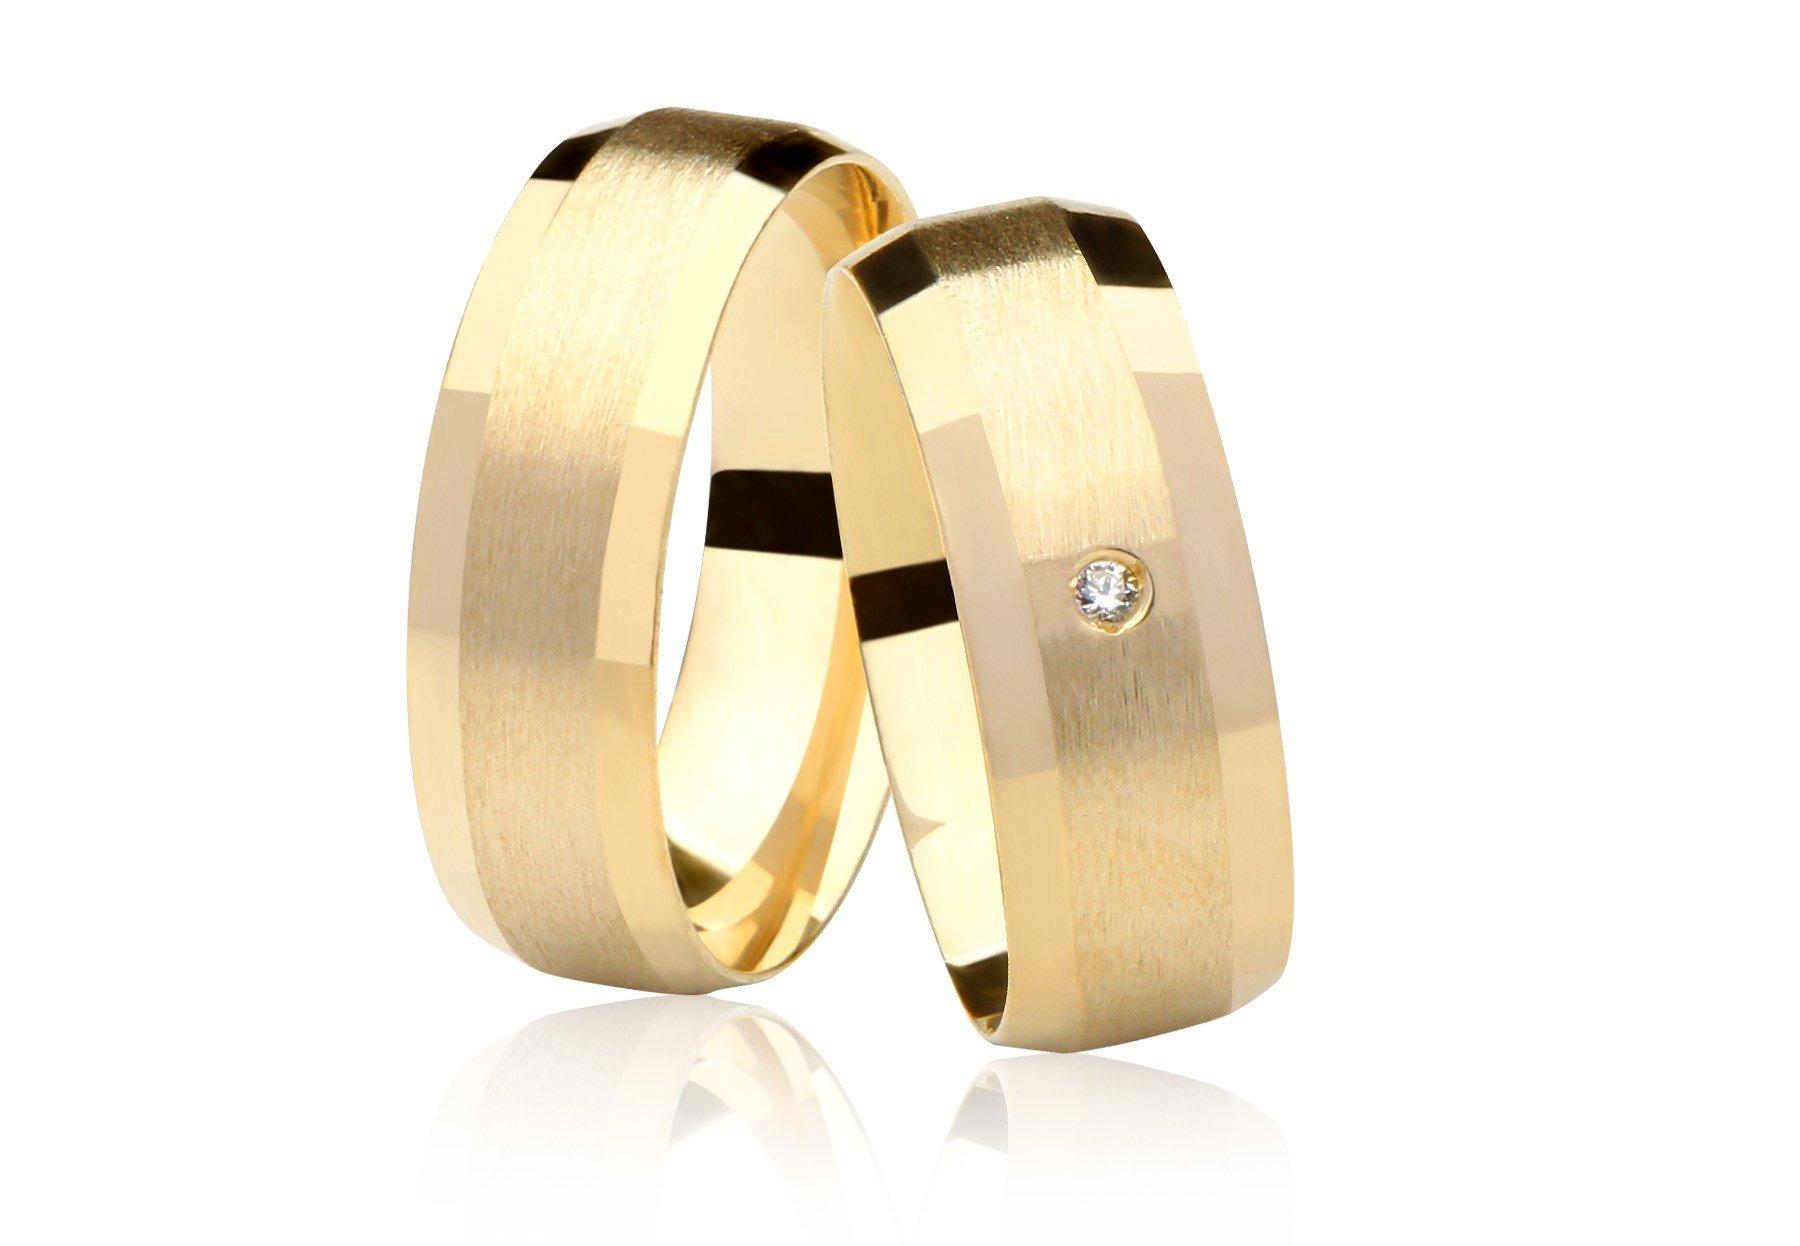 Aliança Casamento Cosmos de Ouro 18K  e Diamante - Unitária (6.8mm)